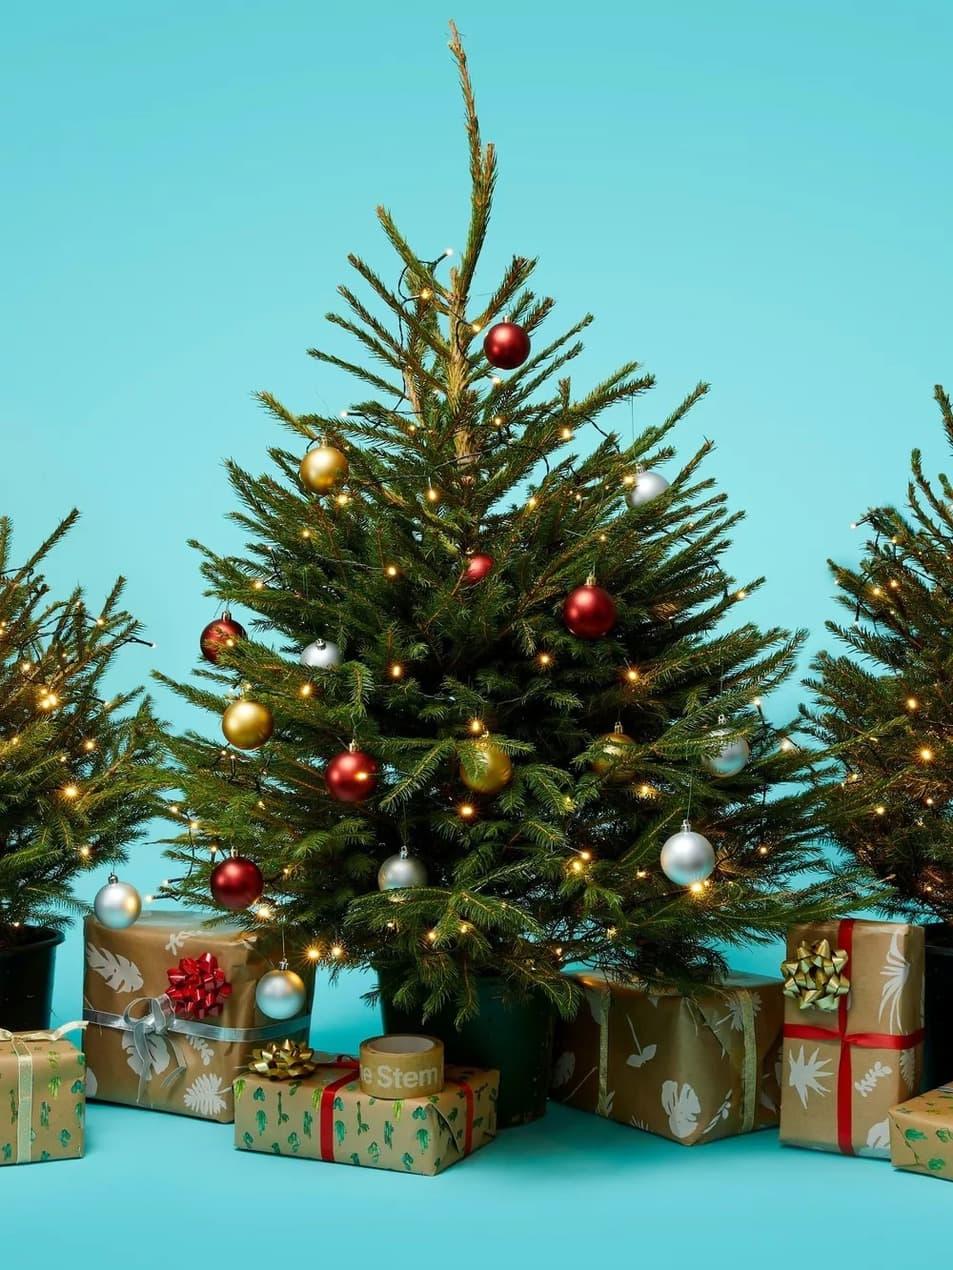 The Stem Christmas Tree 2